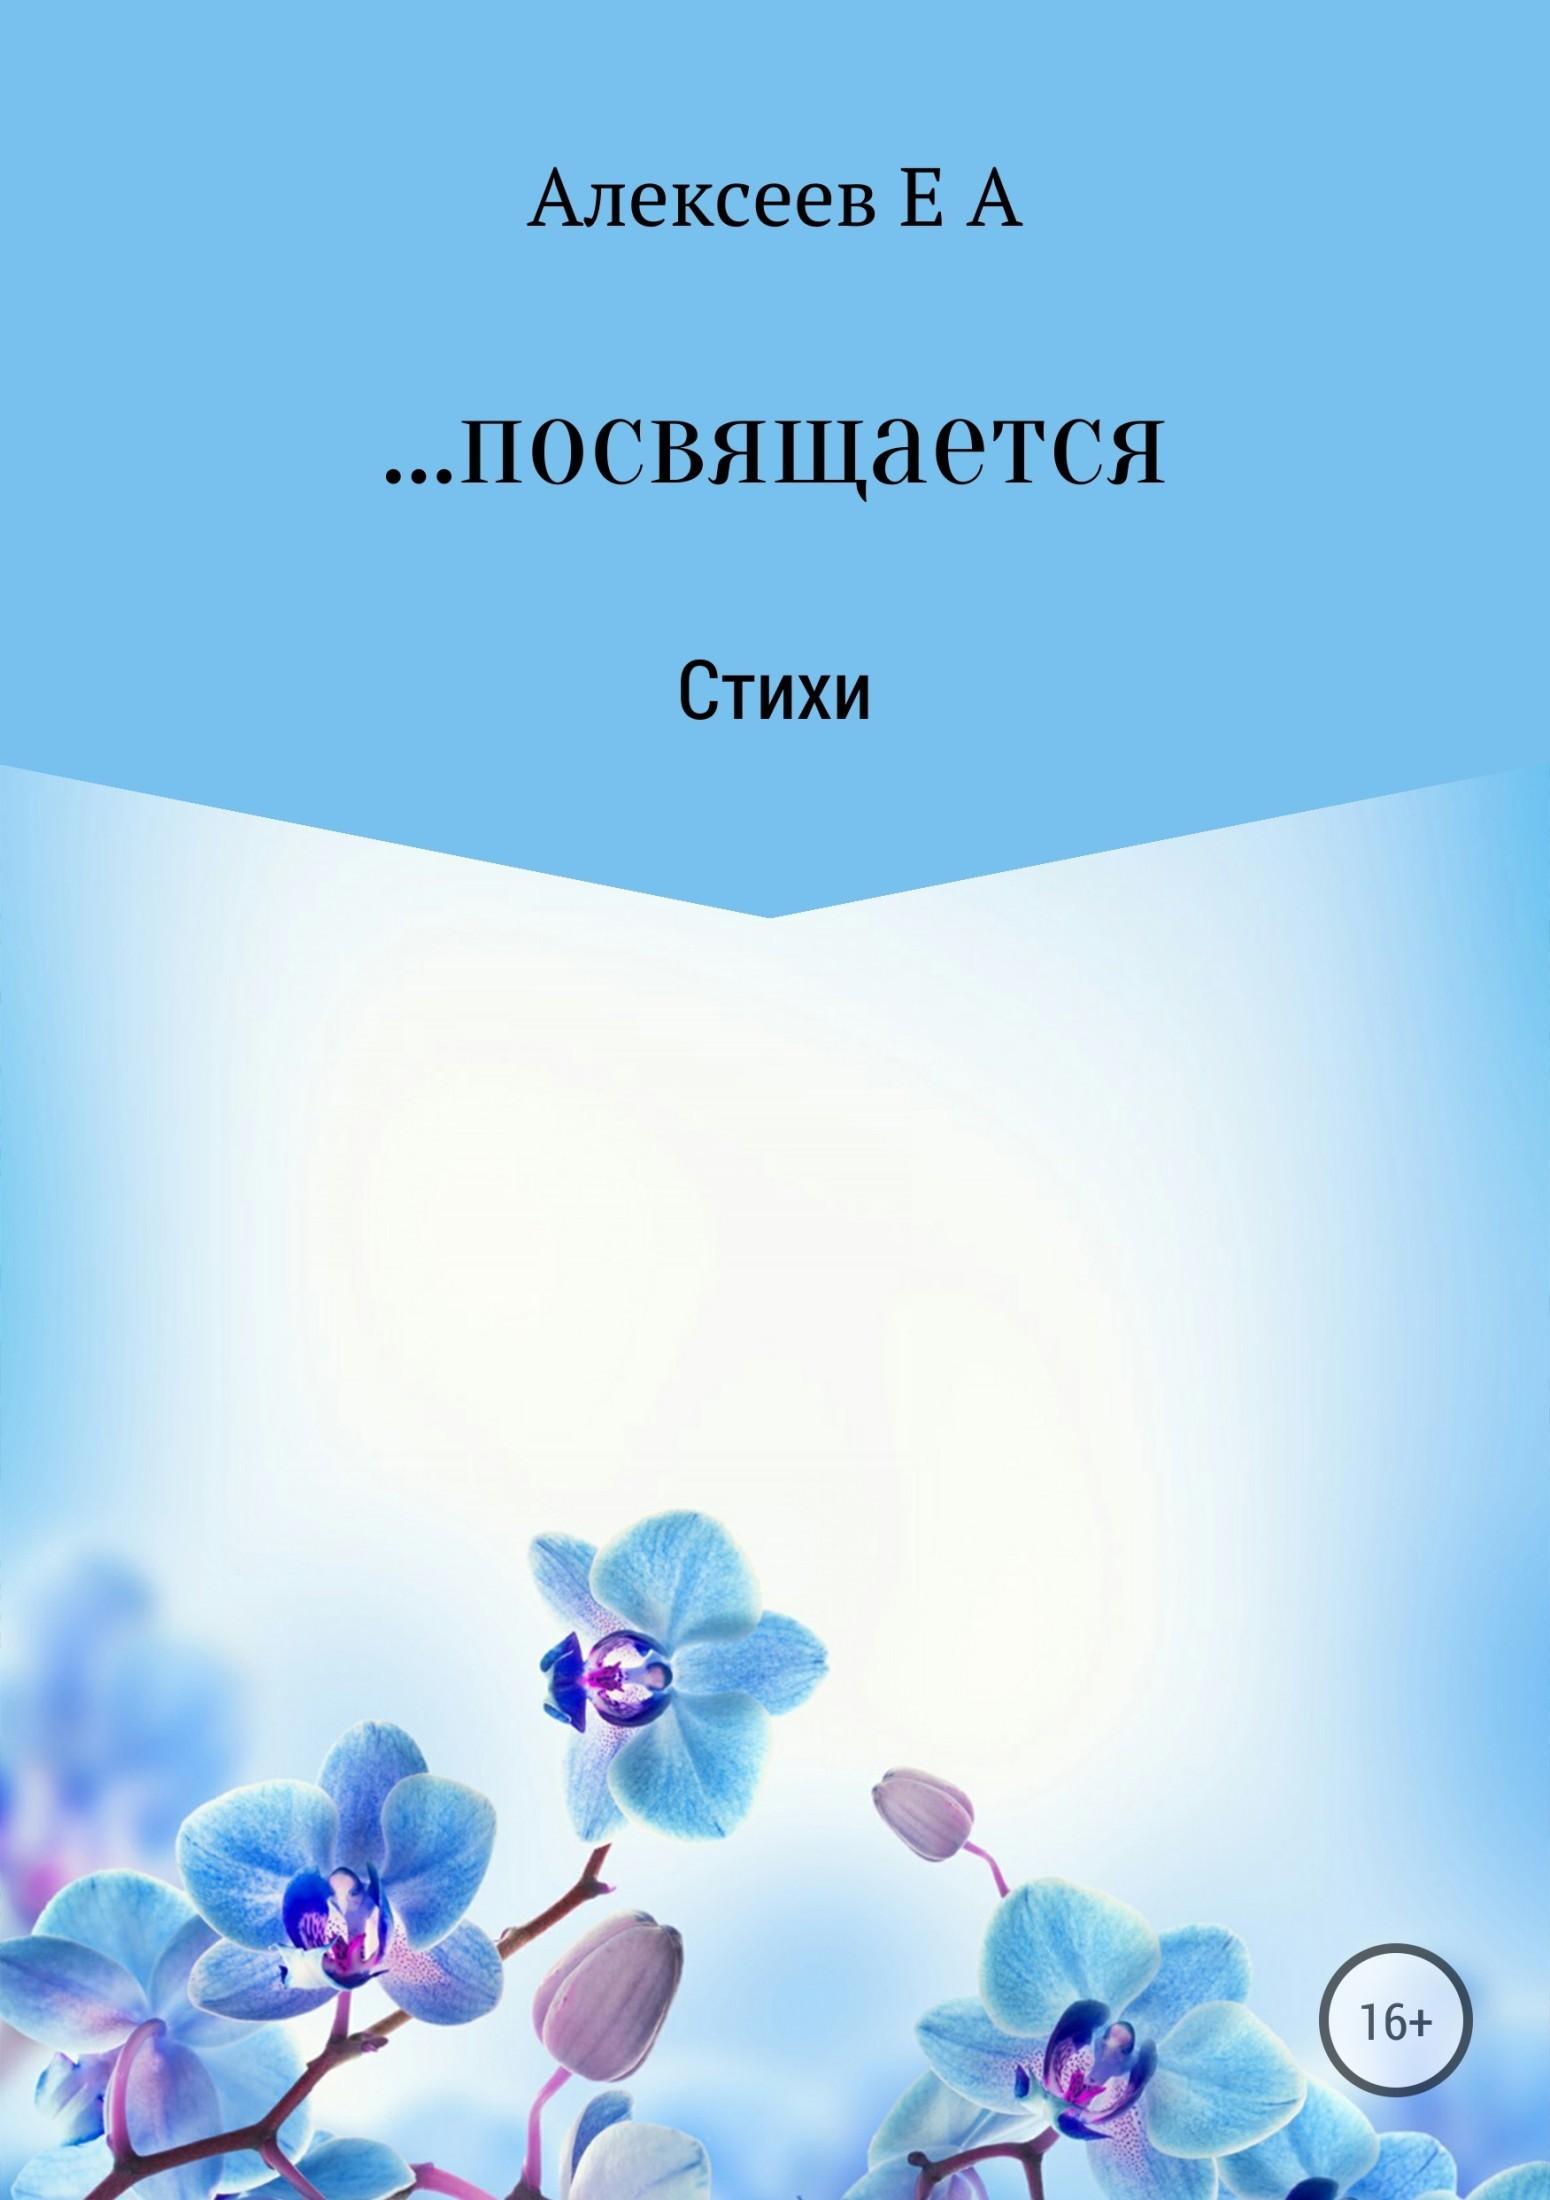 фото обложки издания …посвящается